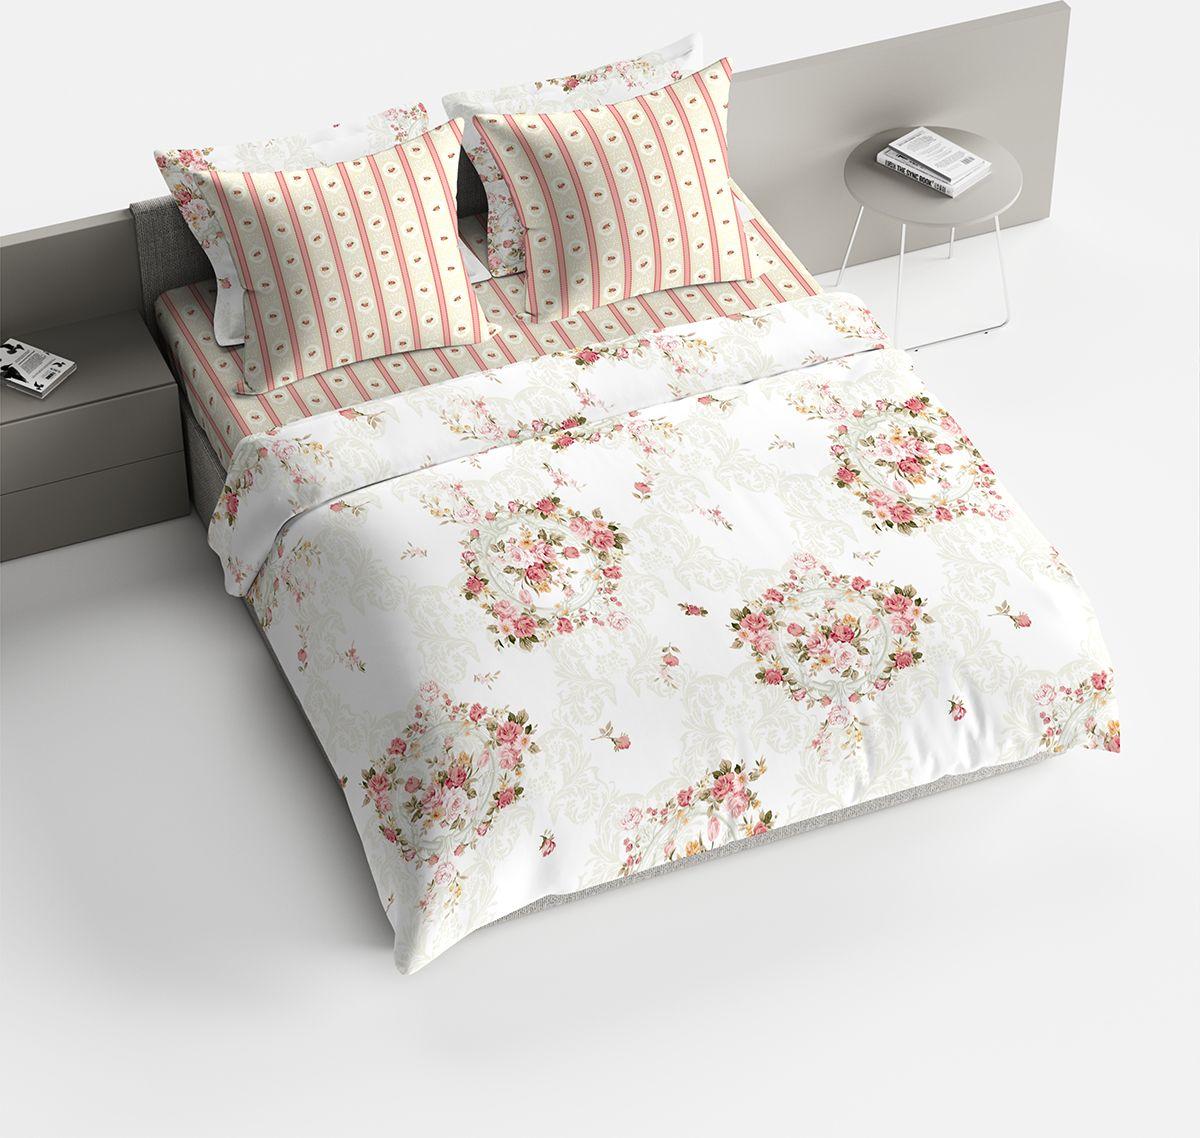 Комплект белья Bravo Пробуждение, 2-спальный, наволочки 70x70, цвет: персиковый. 1842-1 комплект семейного белья василиса нежная роза 4172 1 70x70 c рб